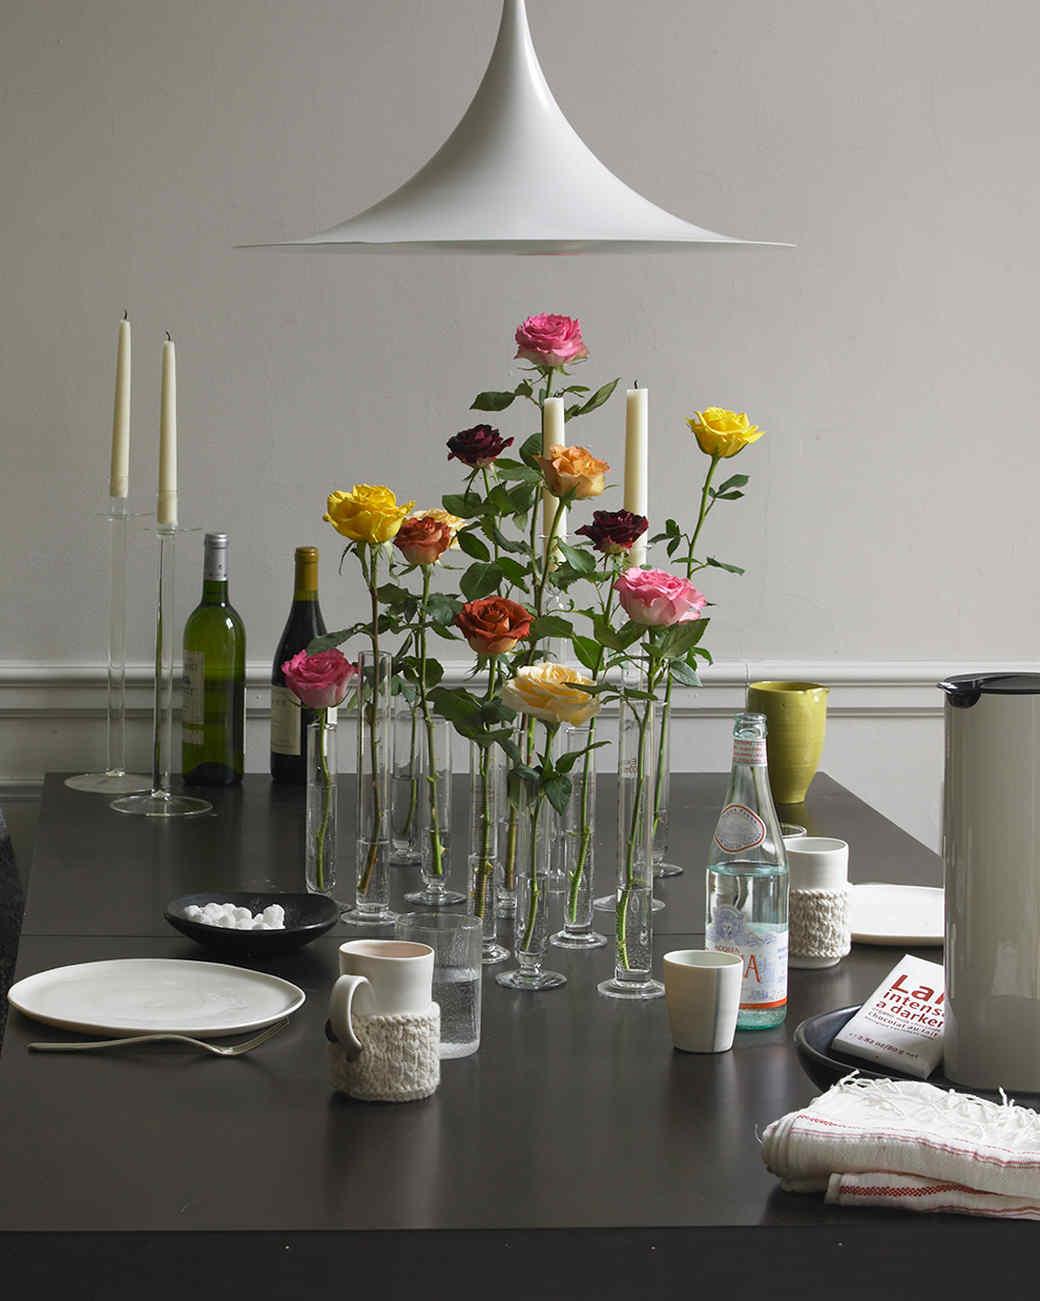 roses-ld103061.jpg